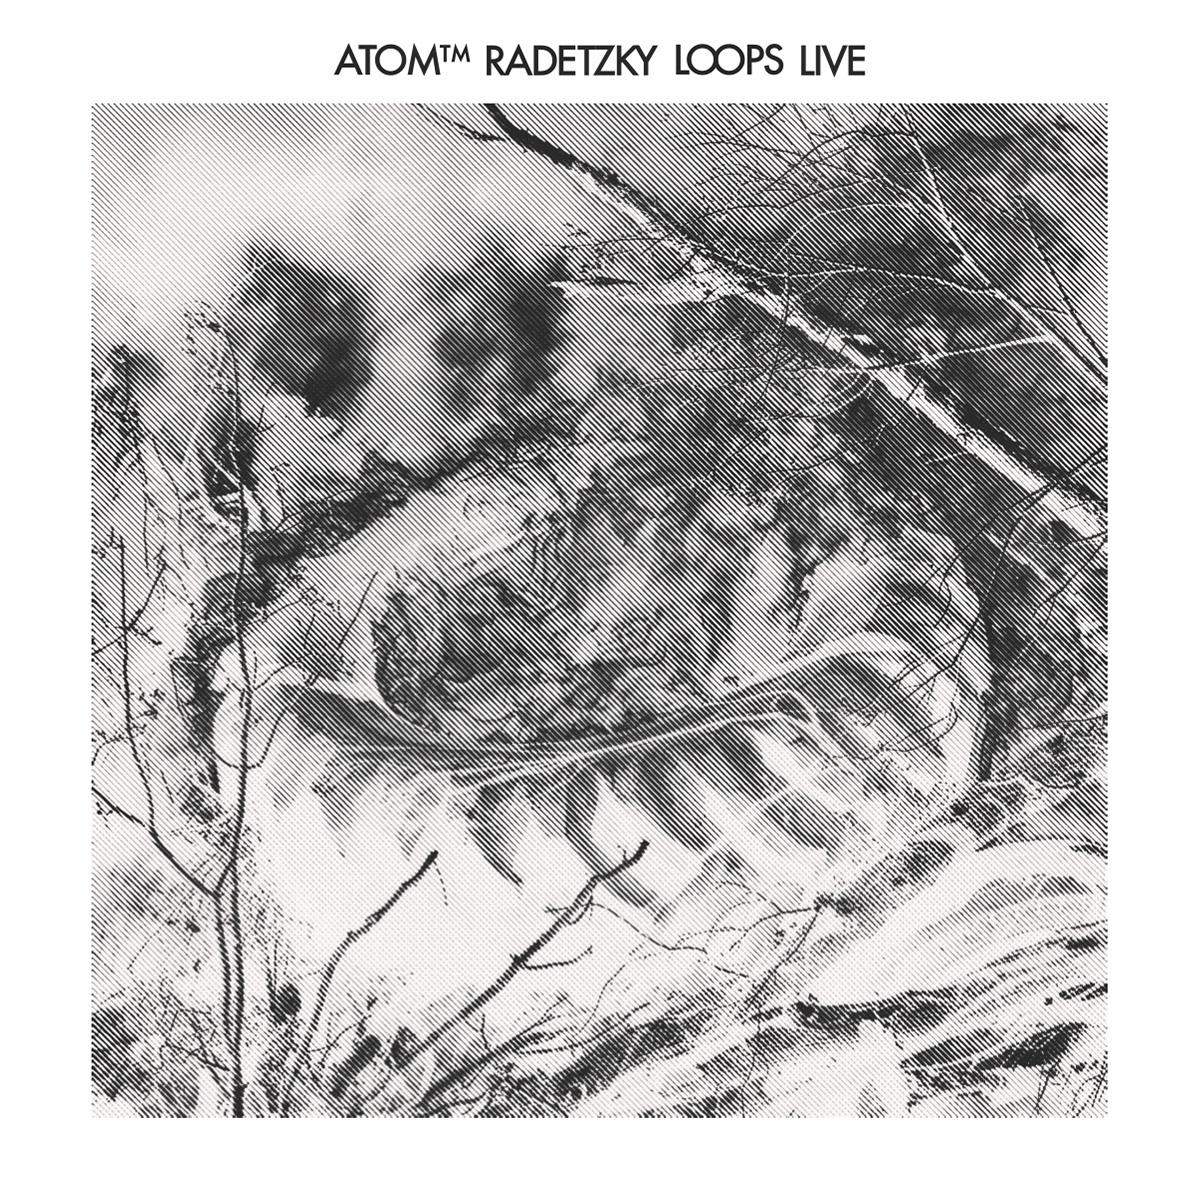 Atomtm-R-Loops-Live